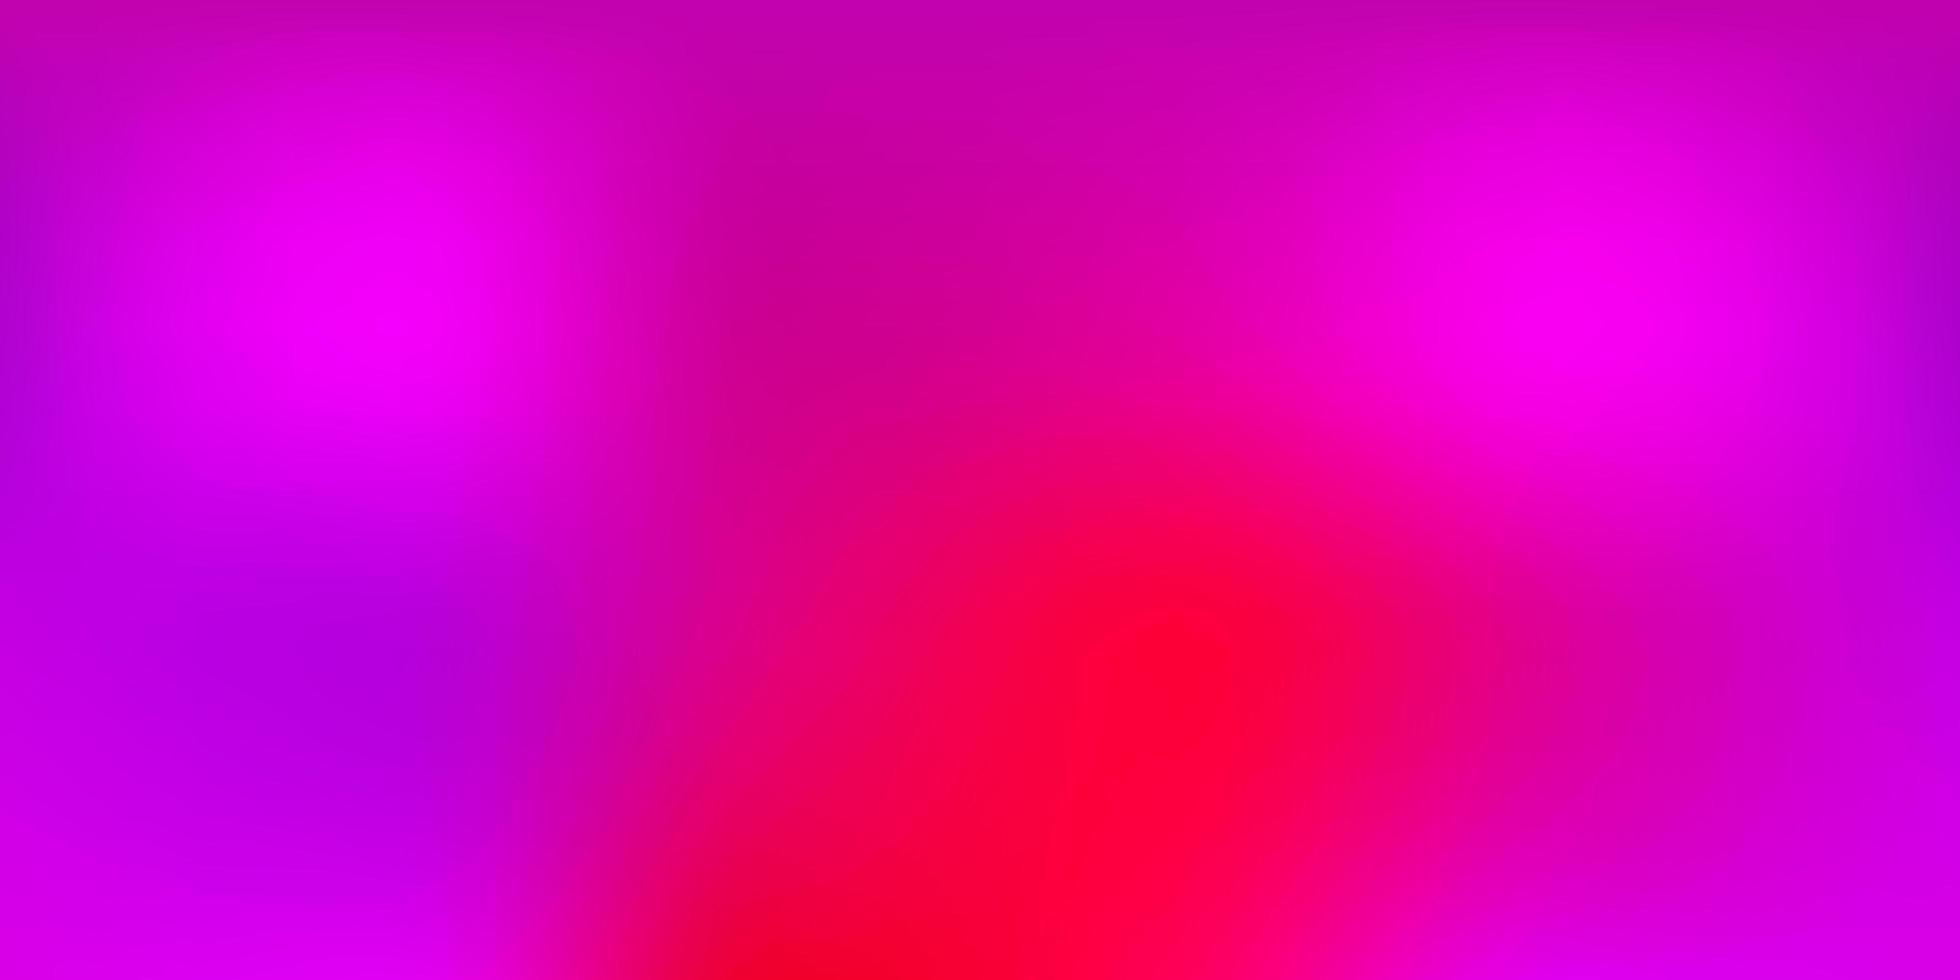 donkerpaars, roze vector onscherpe achtergrond.